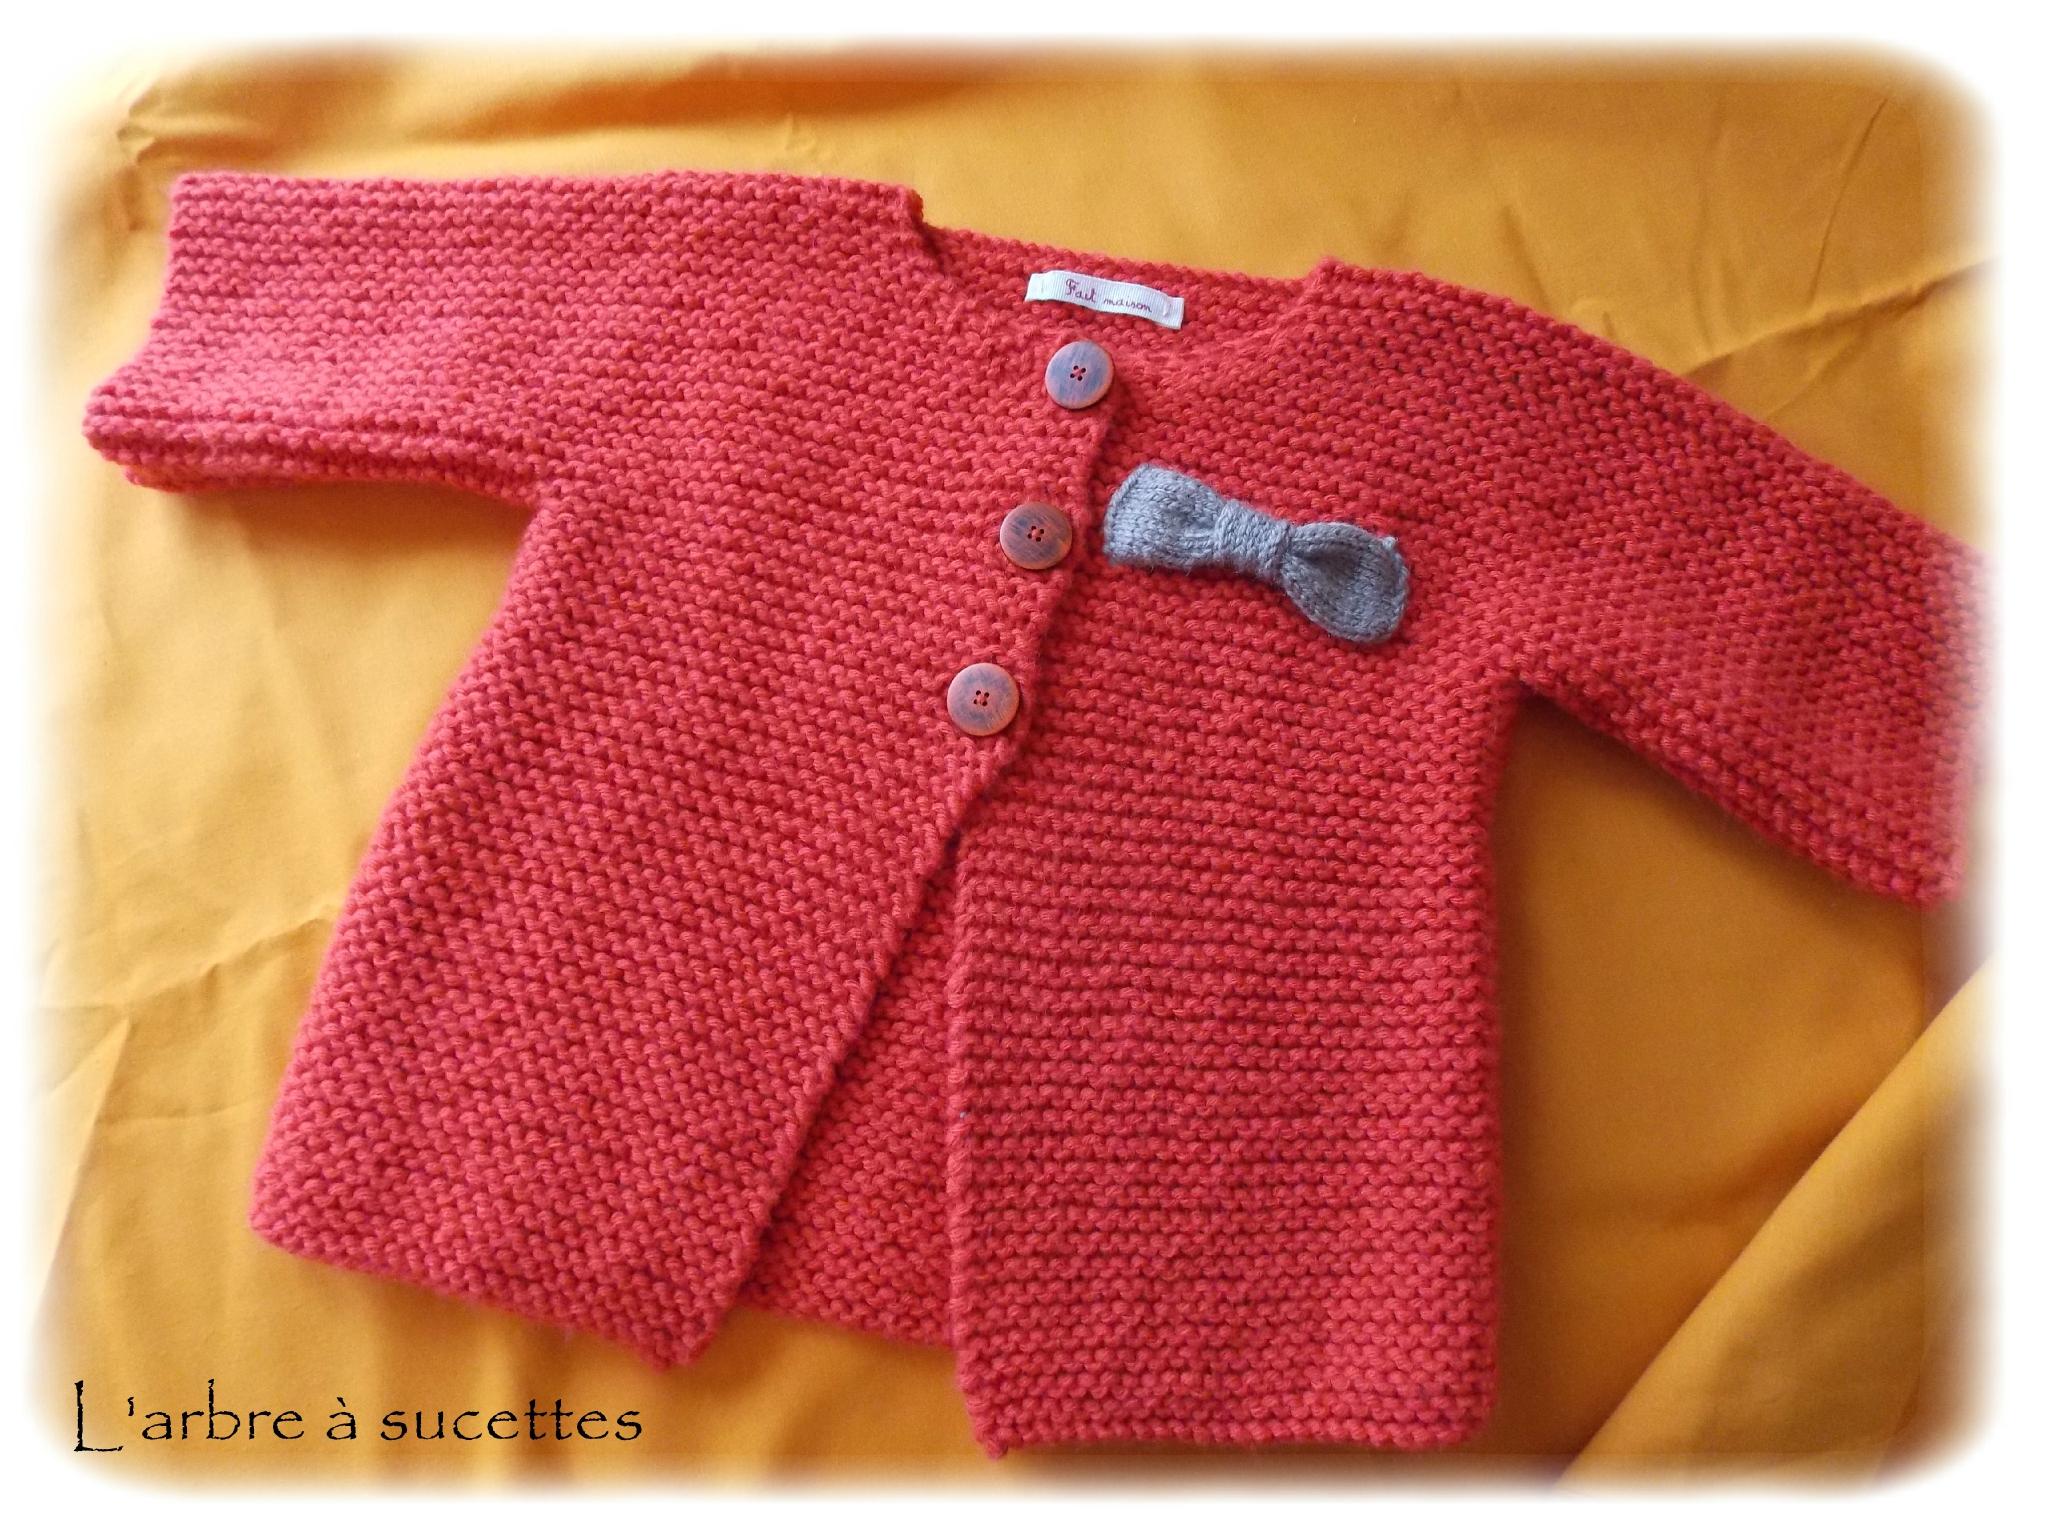 cc073f4b67143 Gilet tricot bebe fille - Chapka